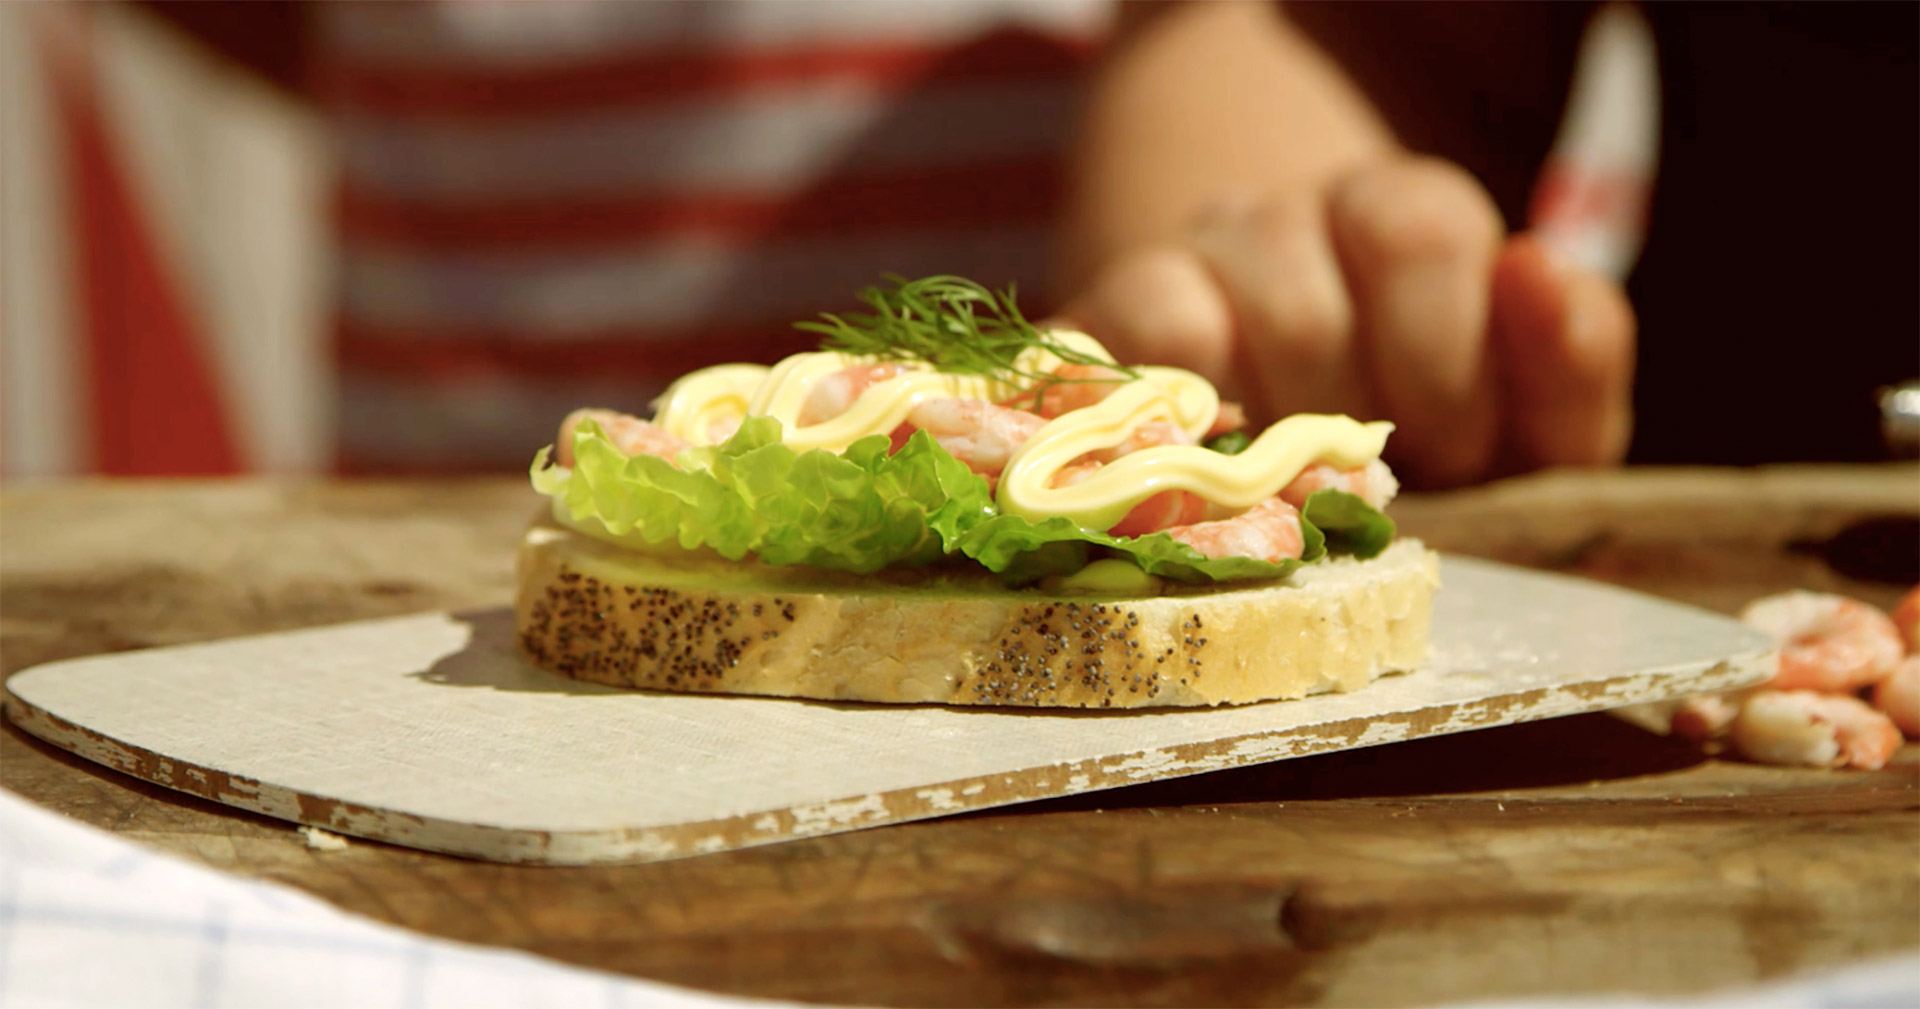 Reker på brød. Foto.